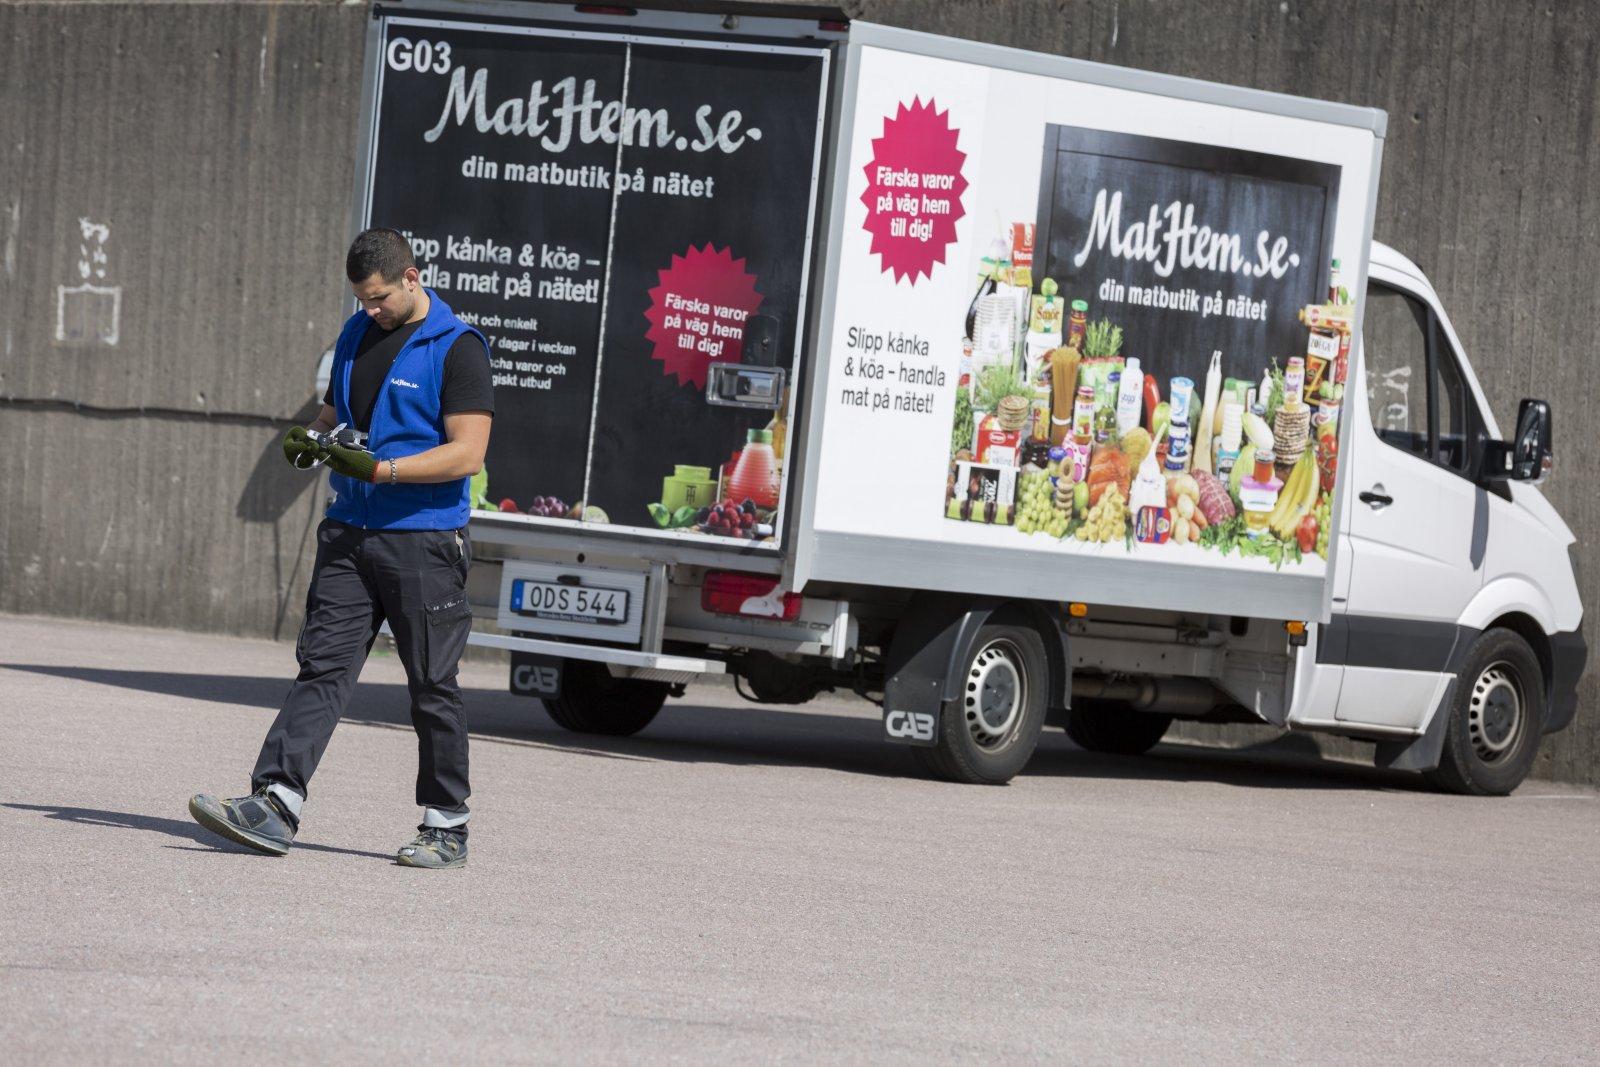 Jano Issa är en av Mathems chaufförer. Foto: Therese Björkbacke